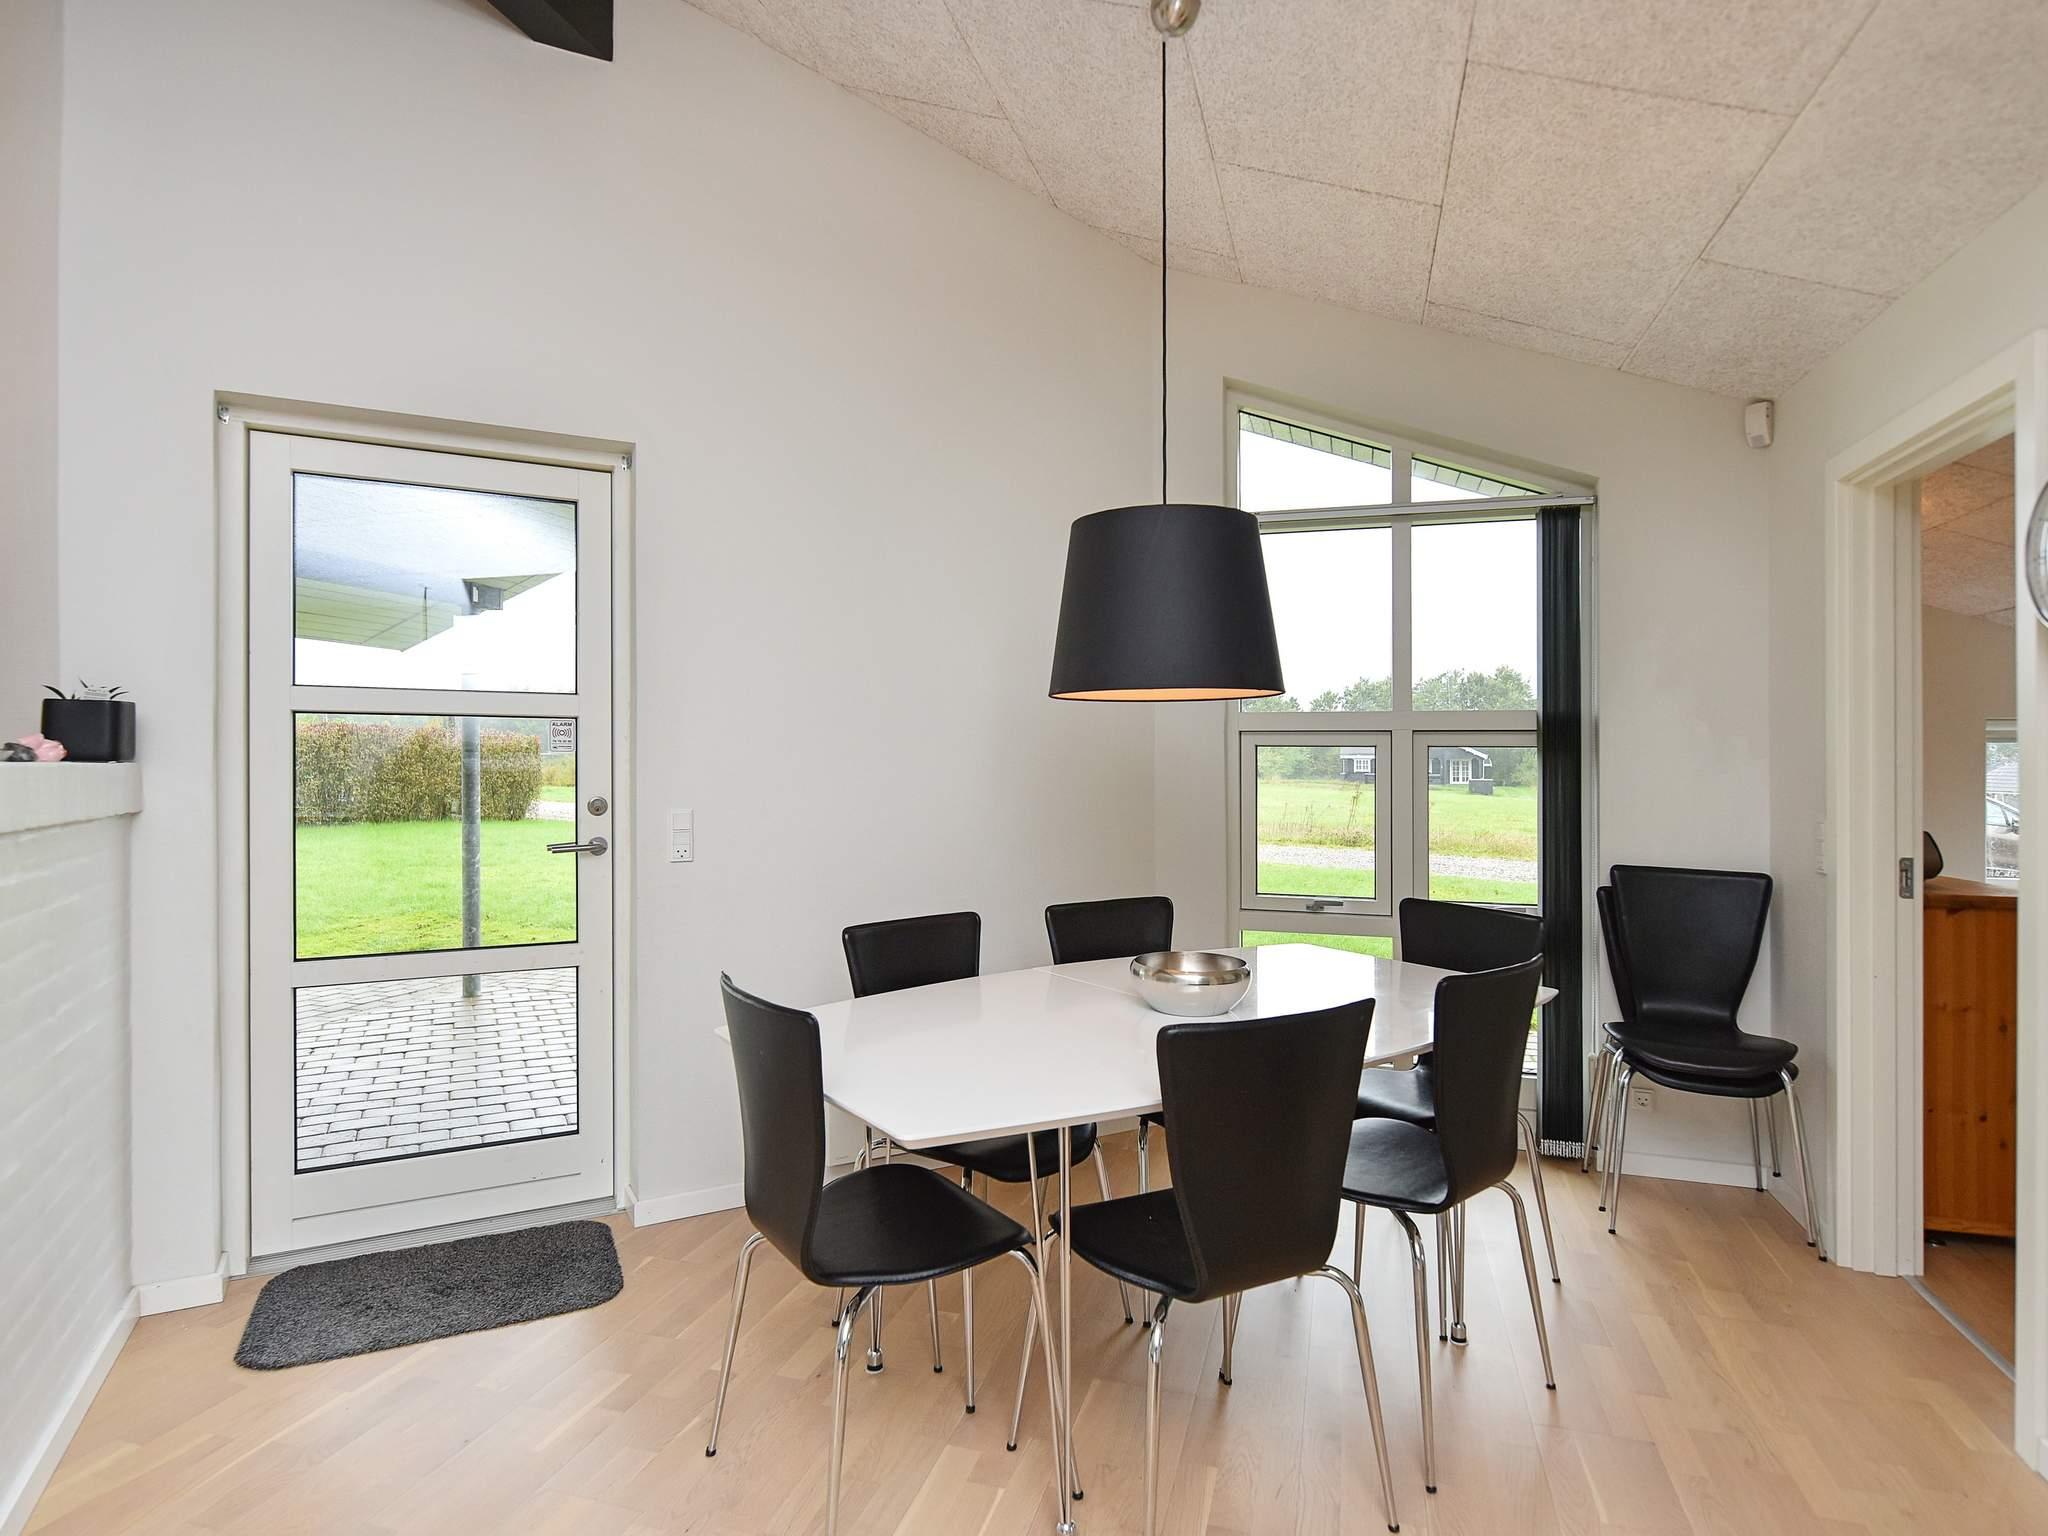 Ferienhaus Hovborg (404746), Hovborg, , Südjütland, Dänemark, Bild 5